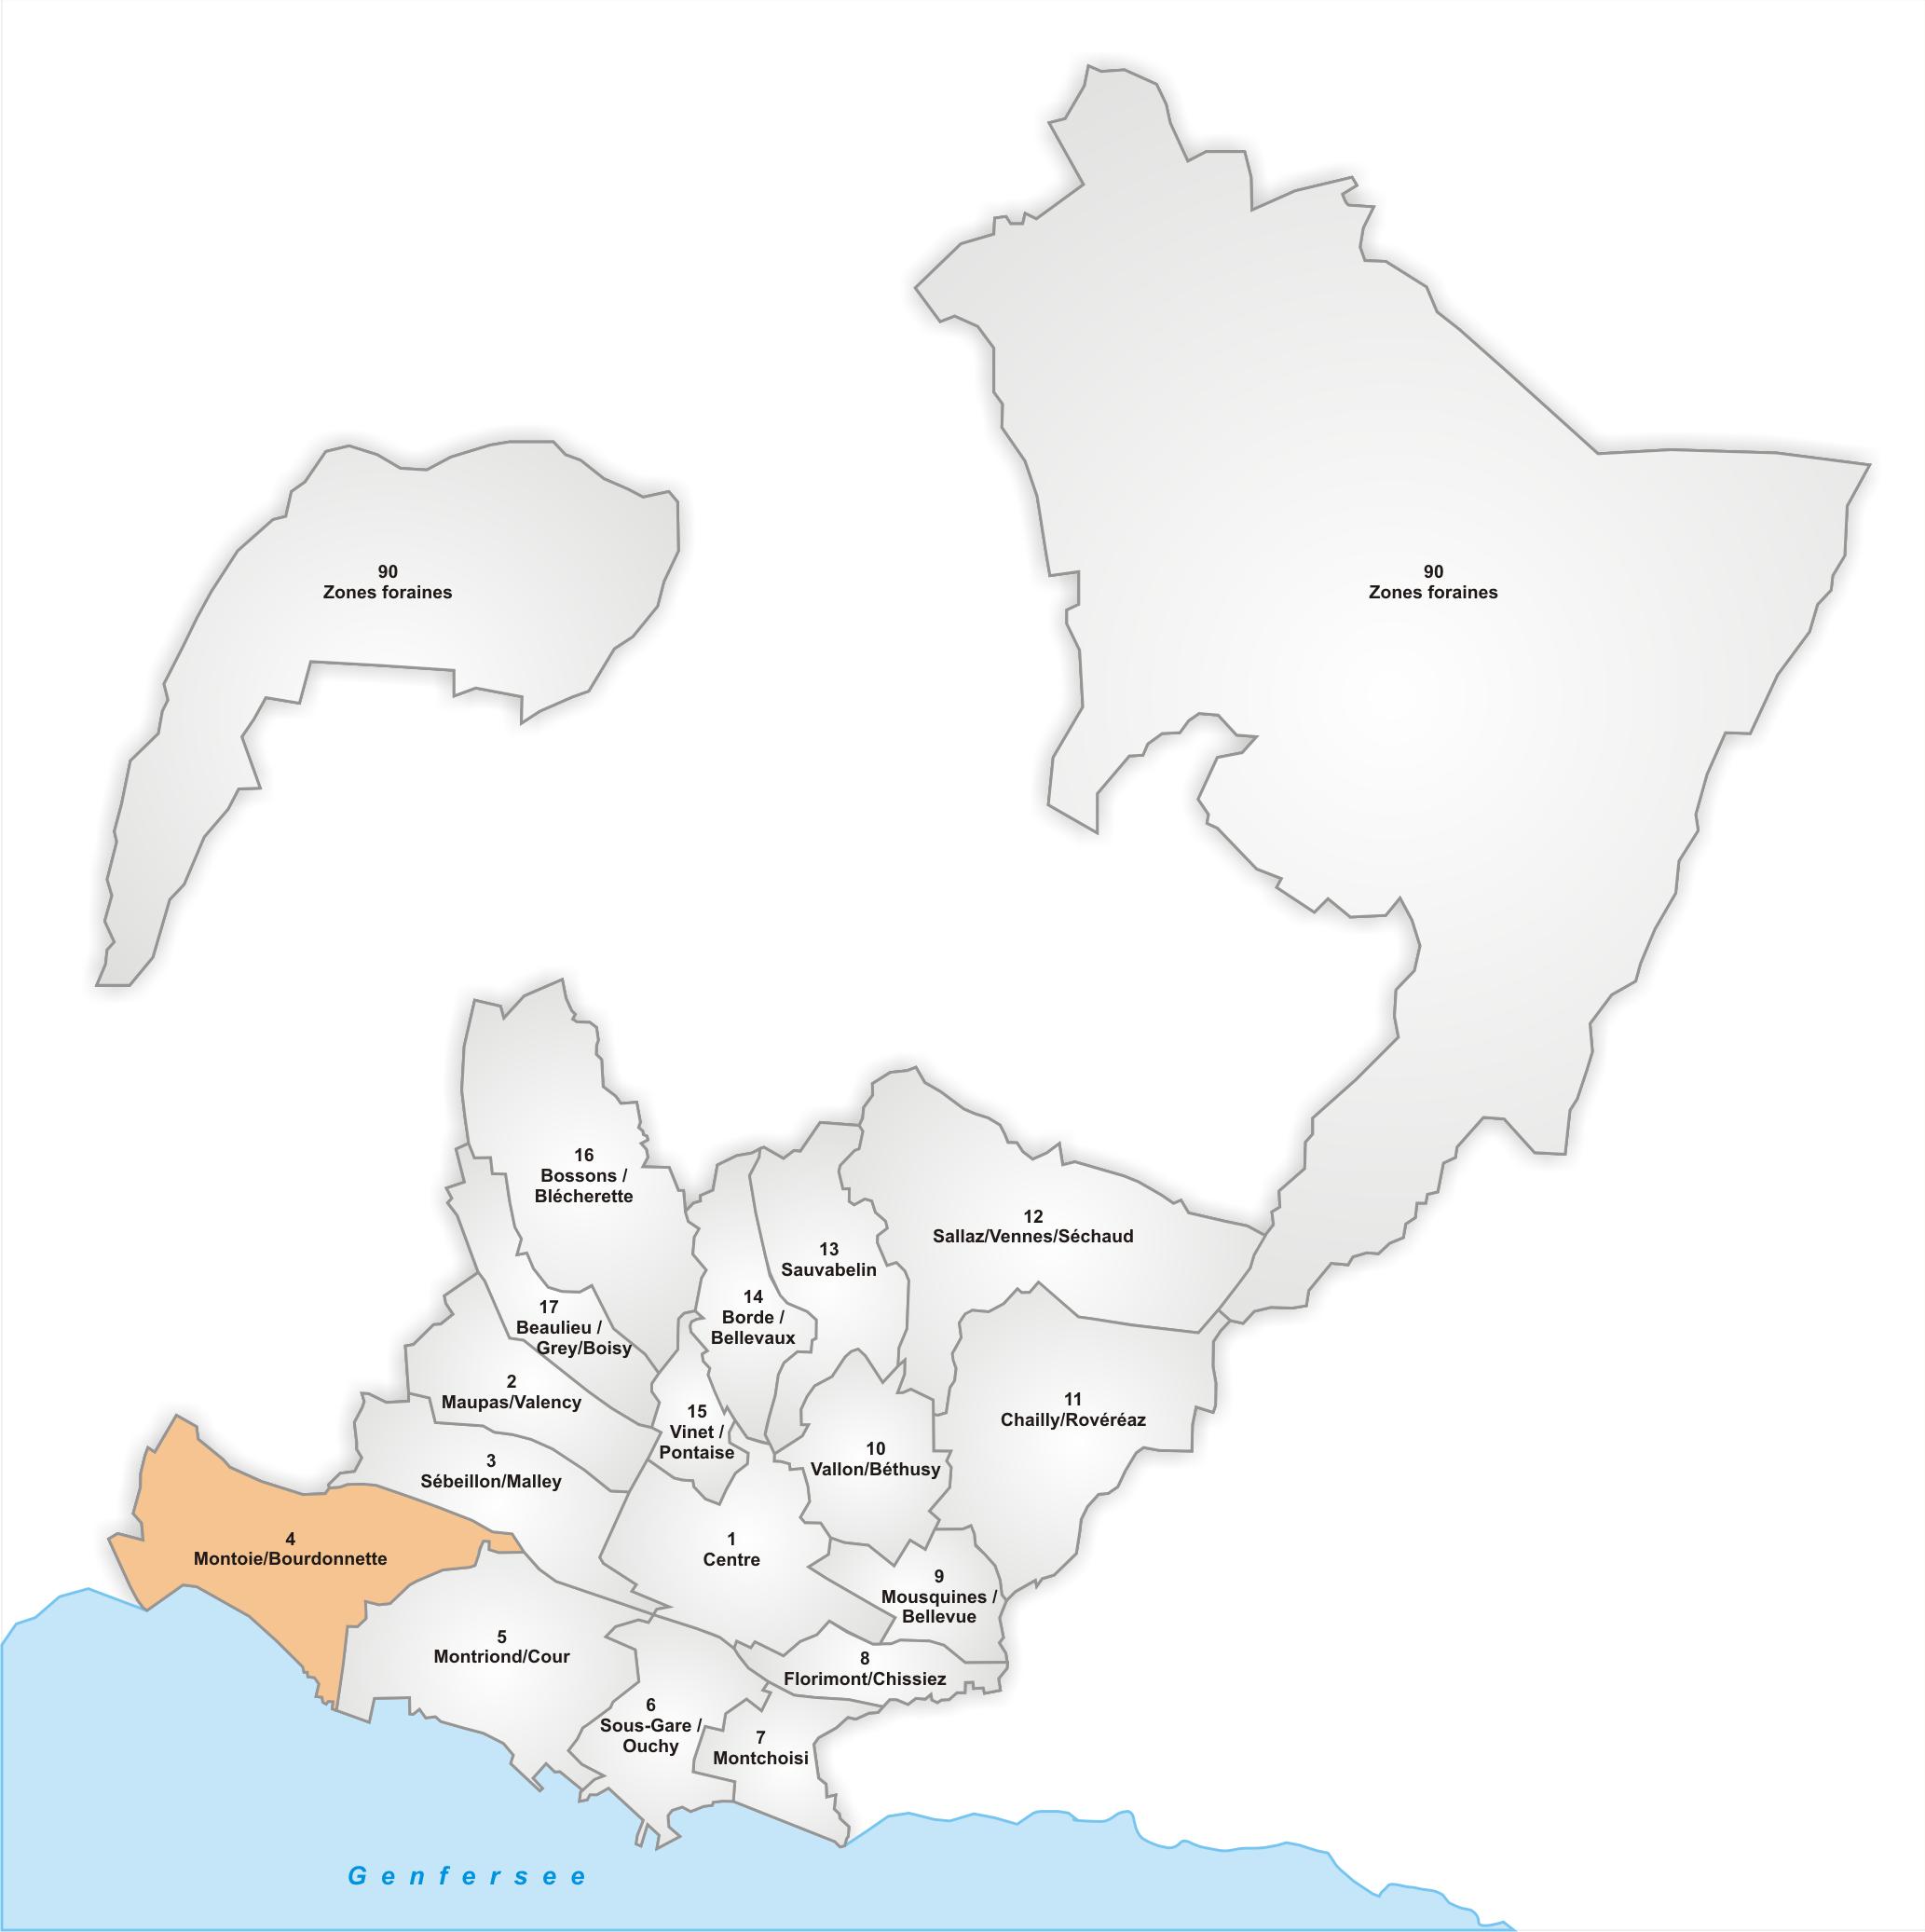 Lage des Stadtteils Montoie/Bourdonnette